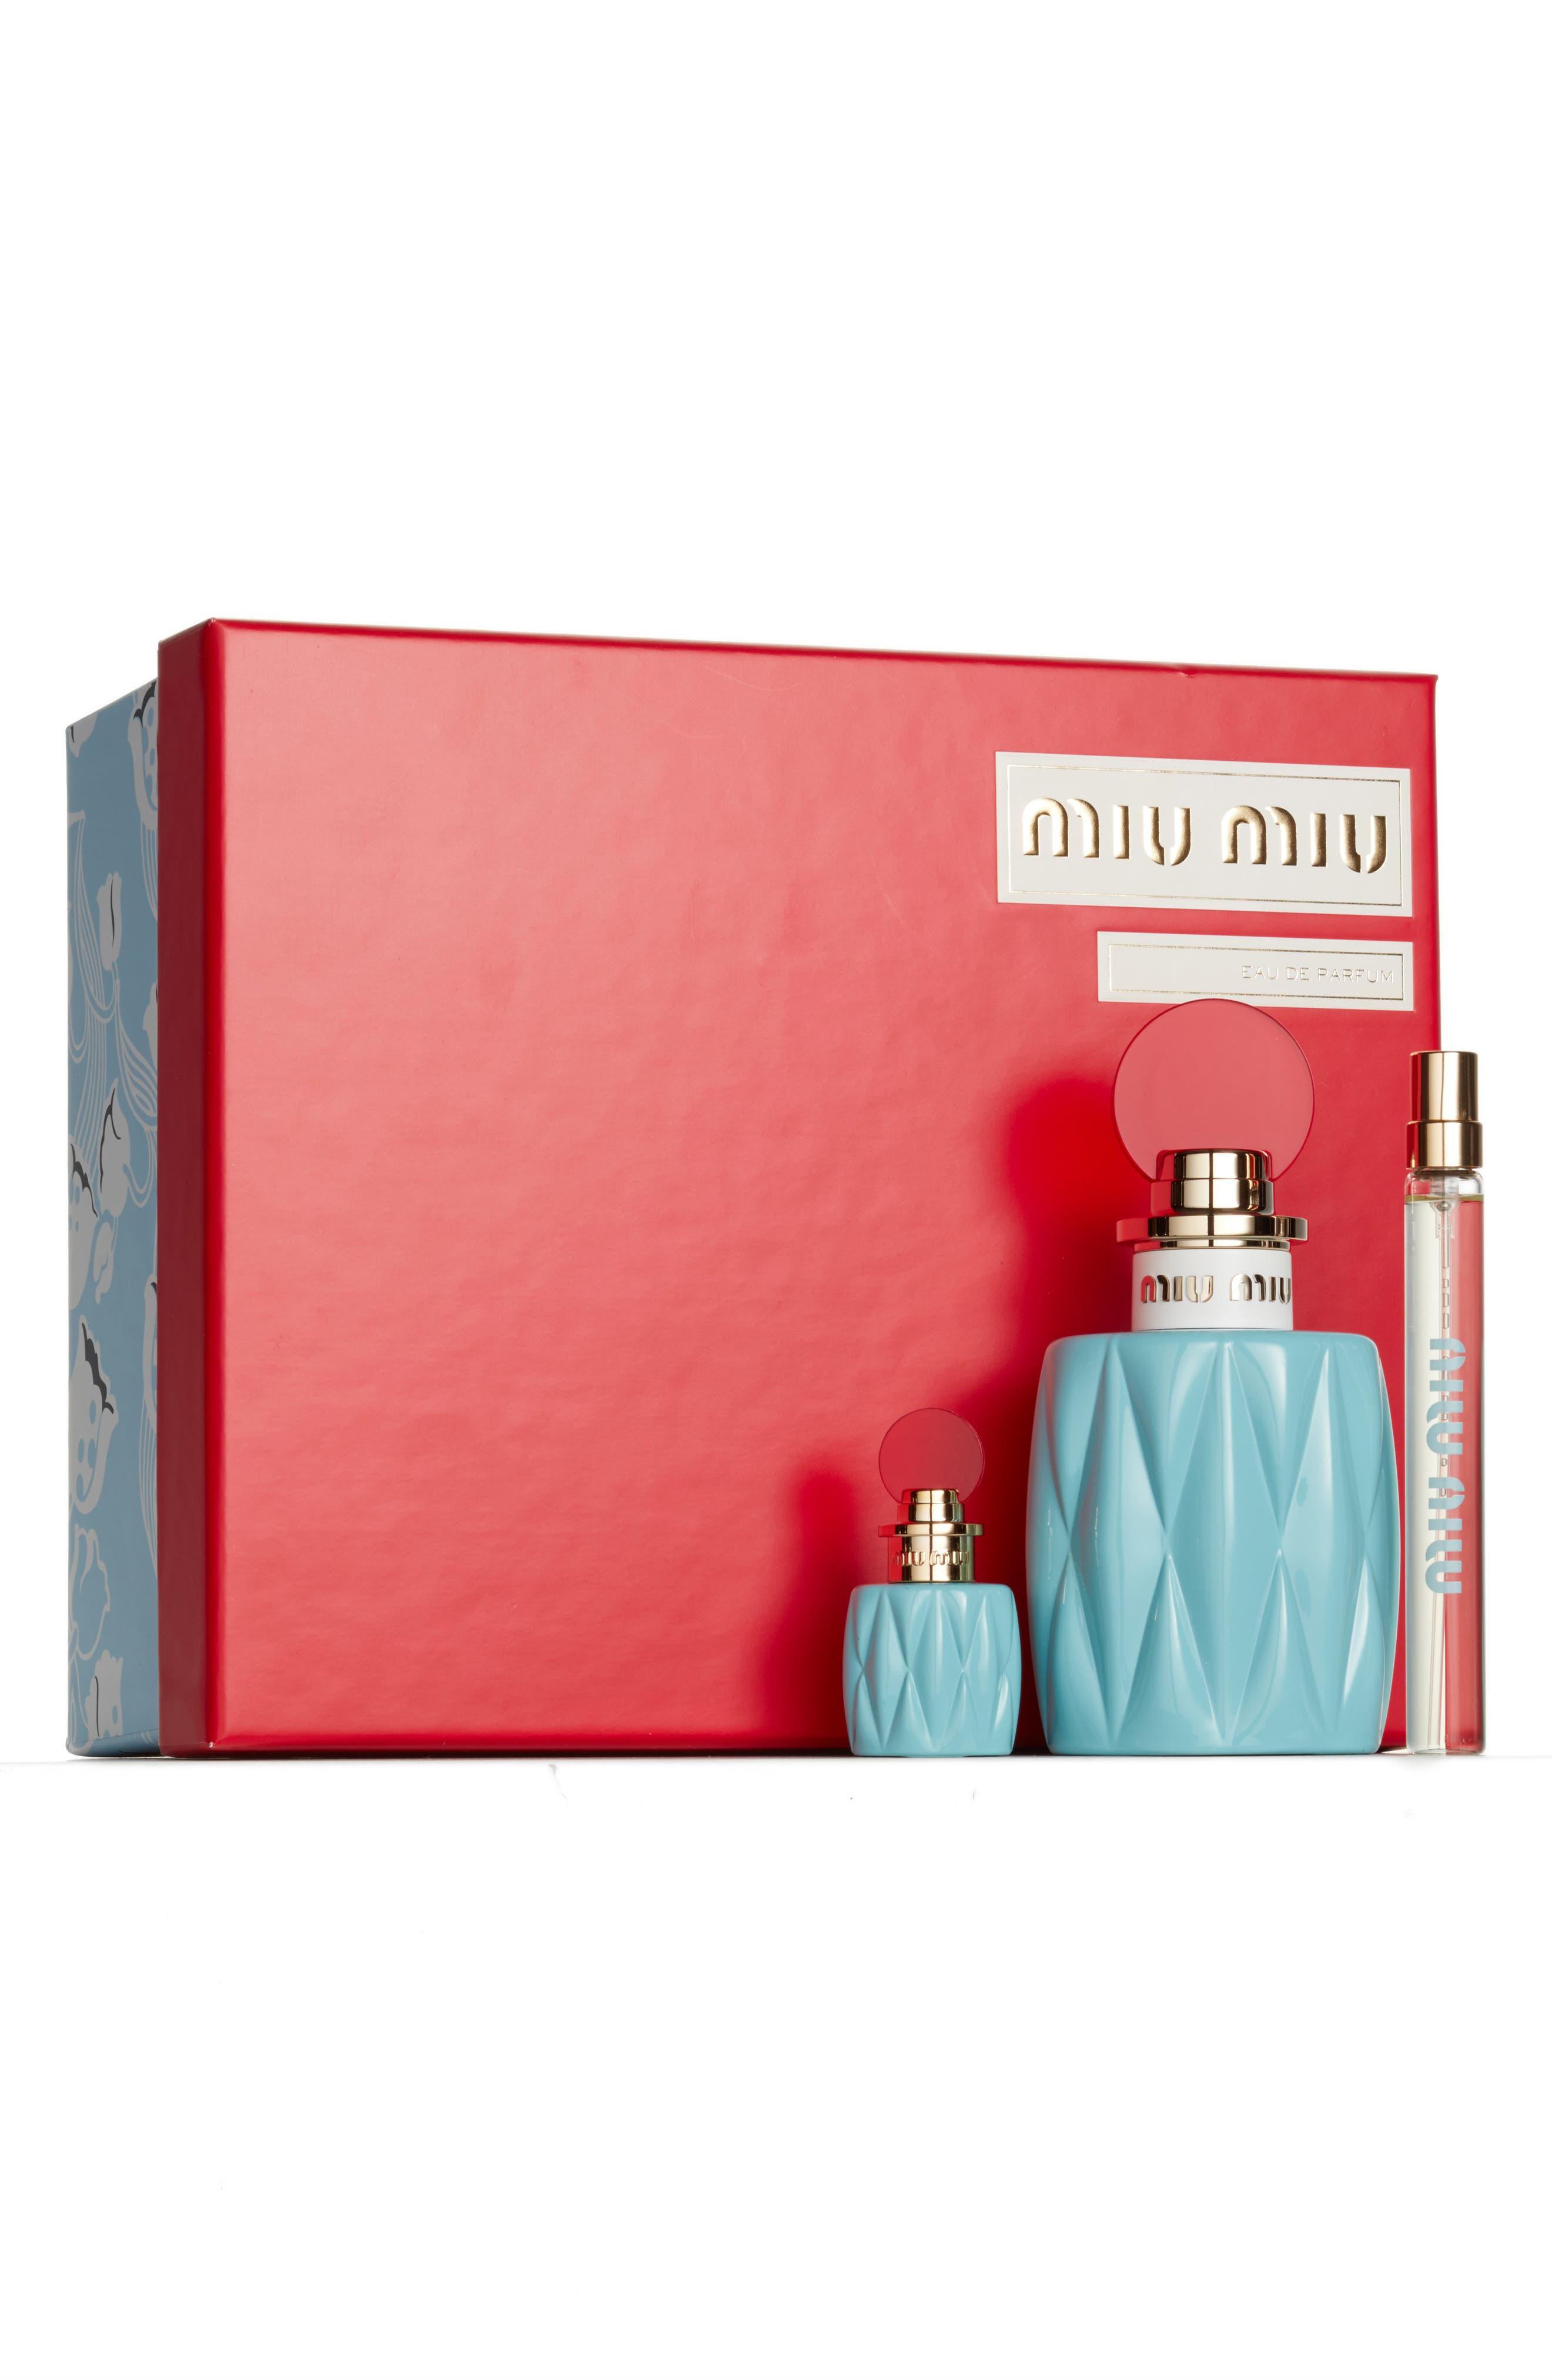 Miu Miu Eau de Parfum Set ($163 Value)